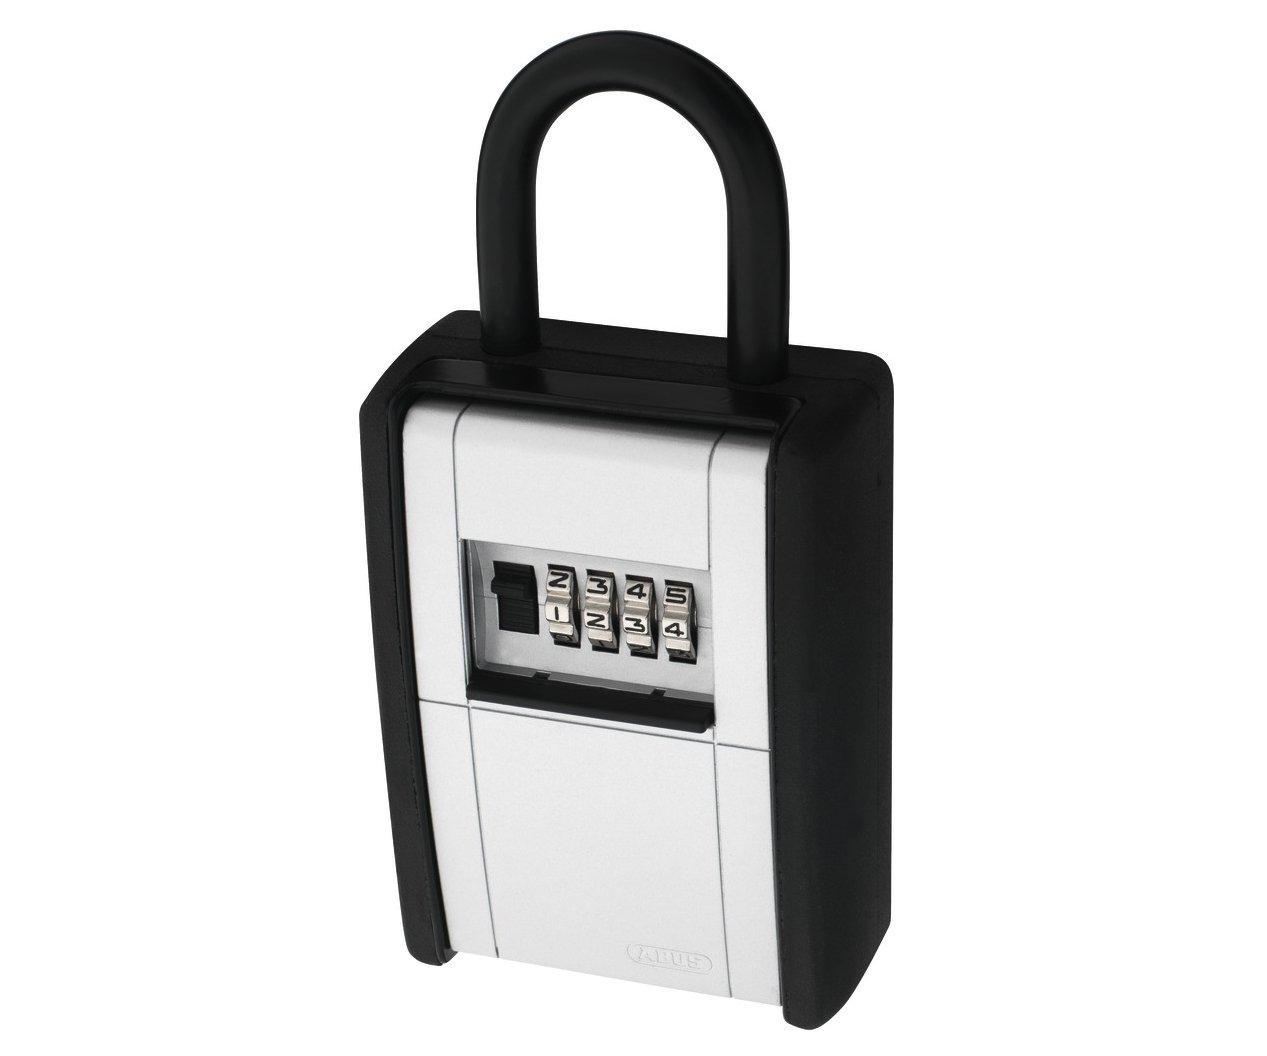 Schránka na klíče Abus KeyGarage 797